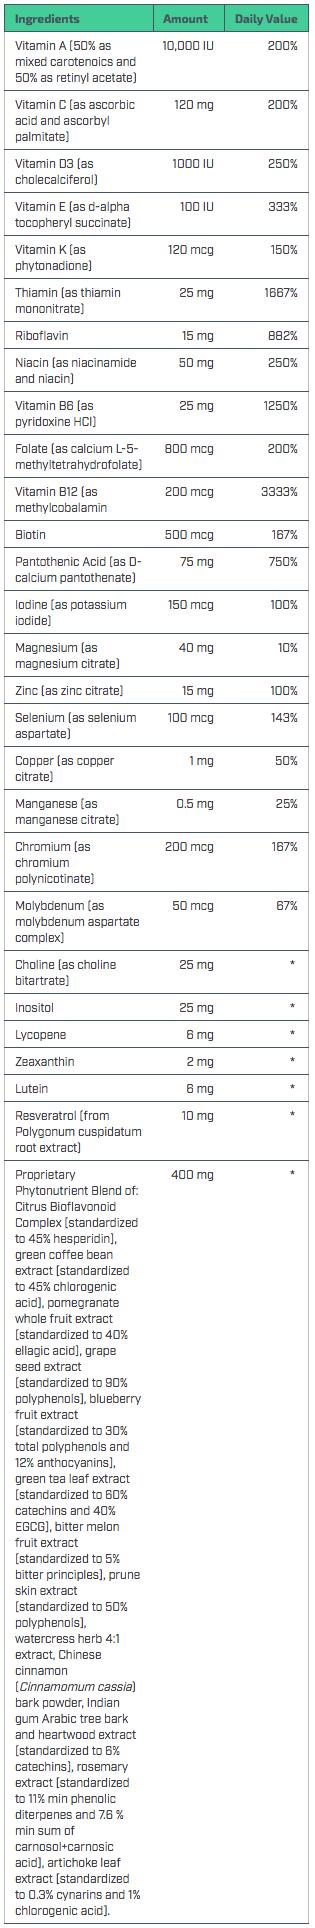 multi-vitamin-nutri-dyn.png